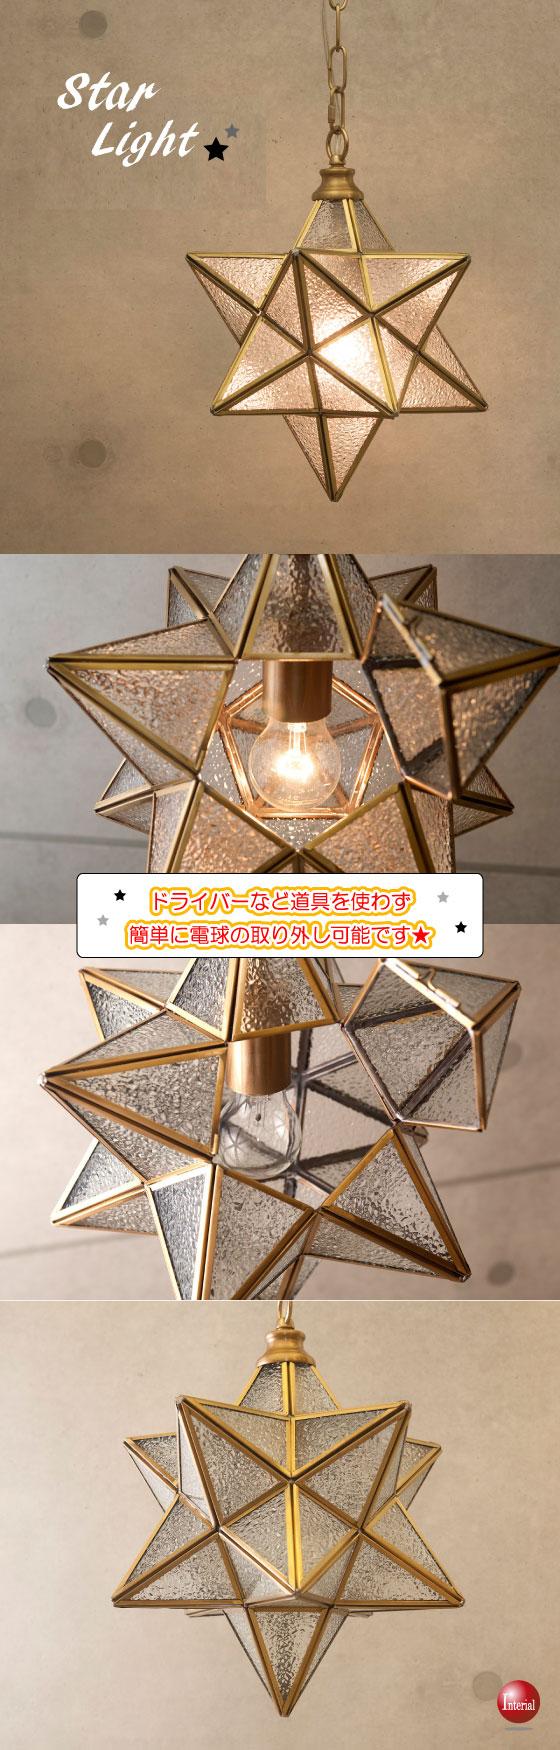 アンティーク風・星型1灯ペンダントライト(LED電球対応)